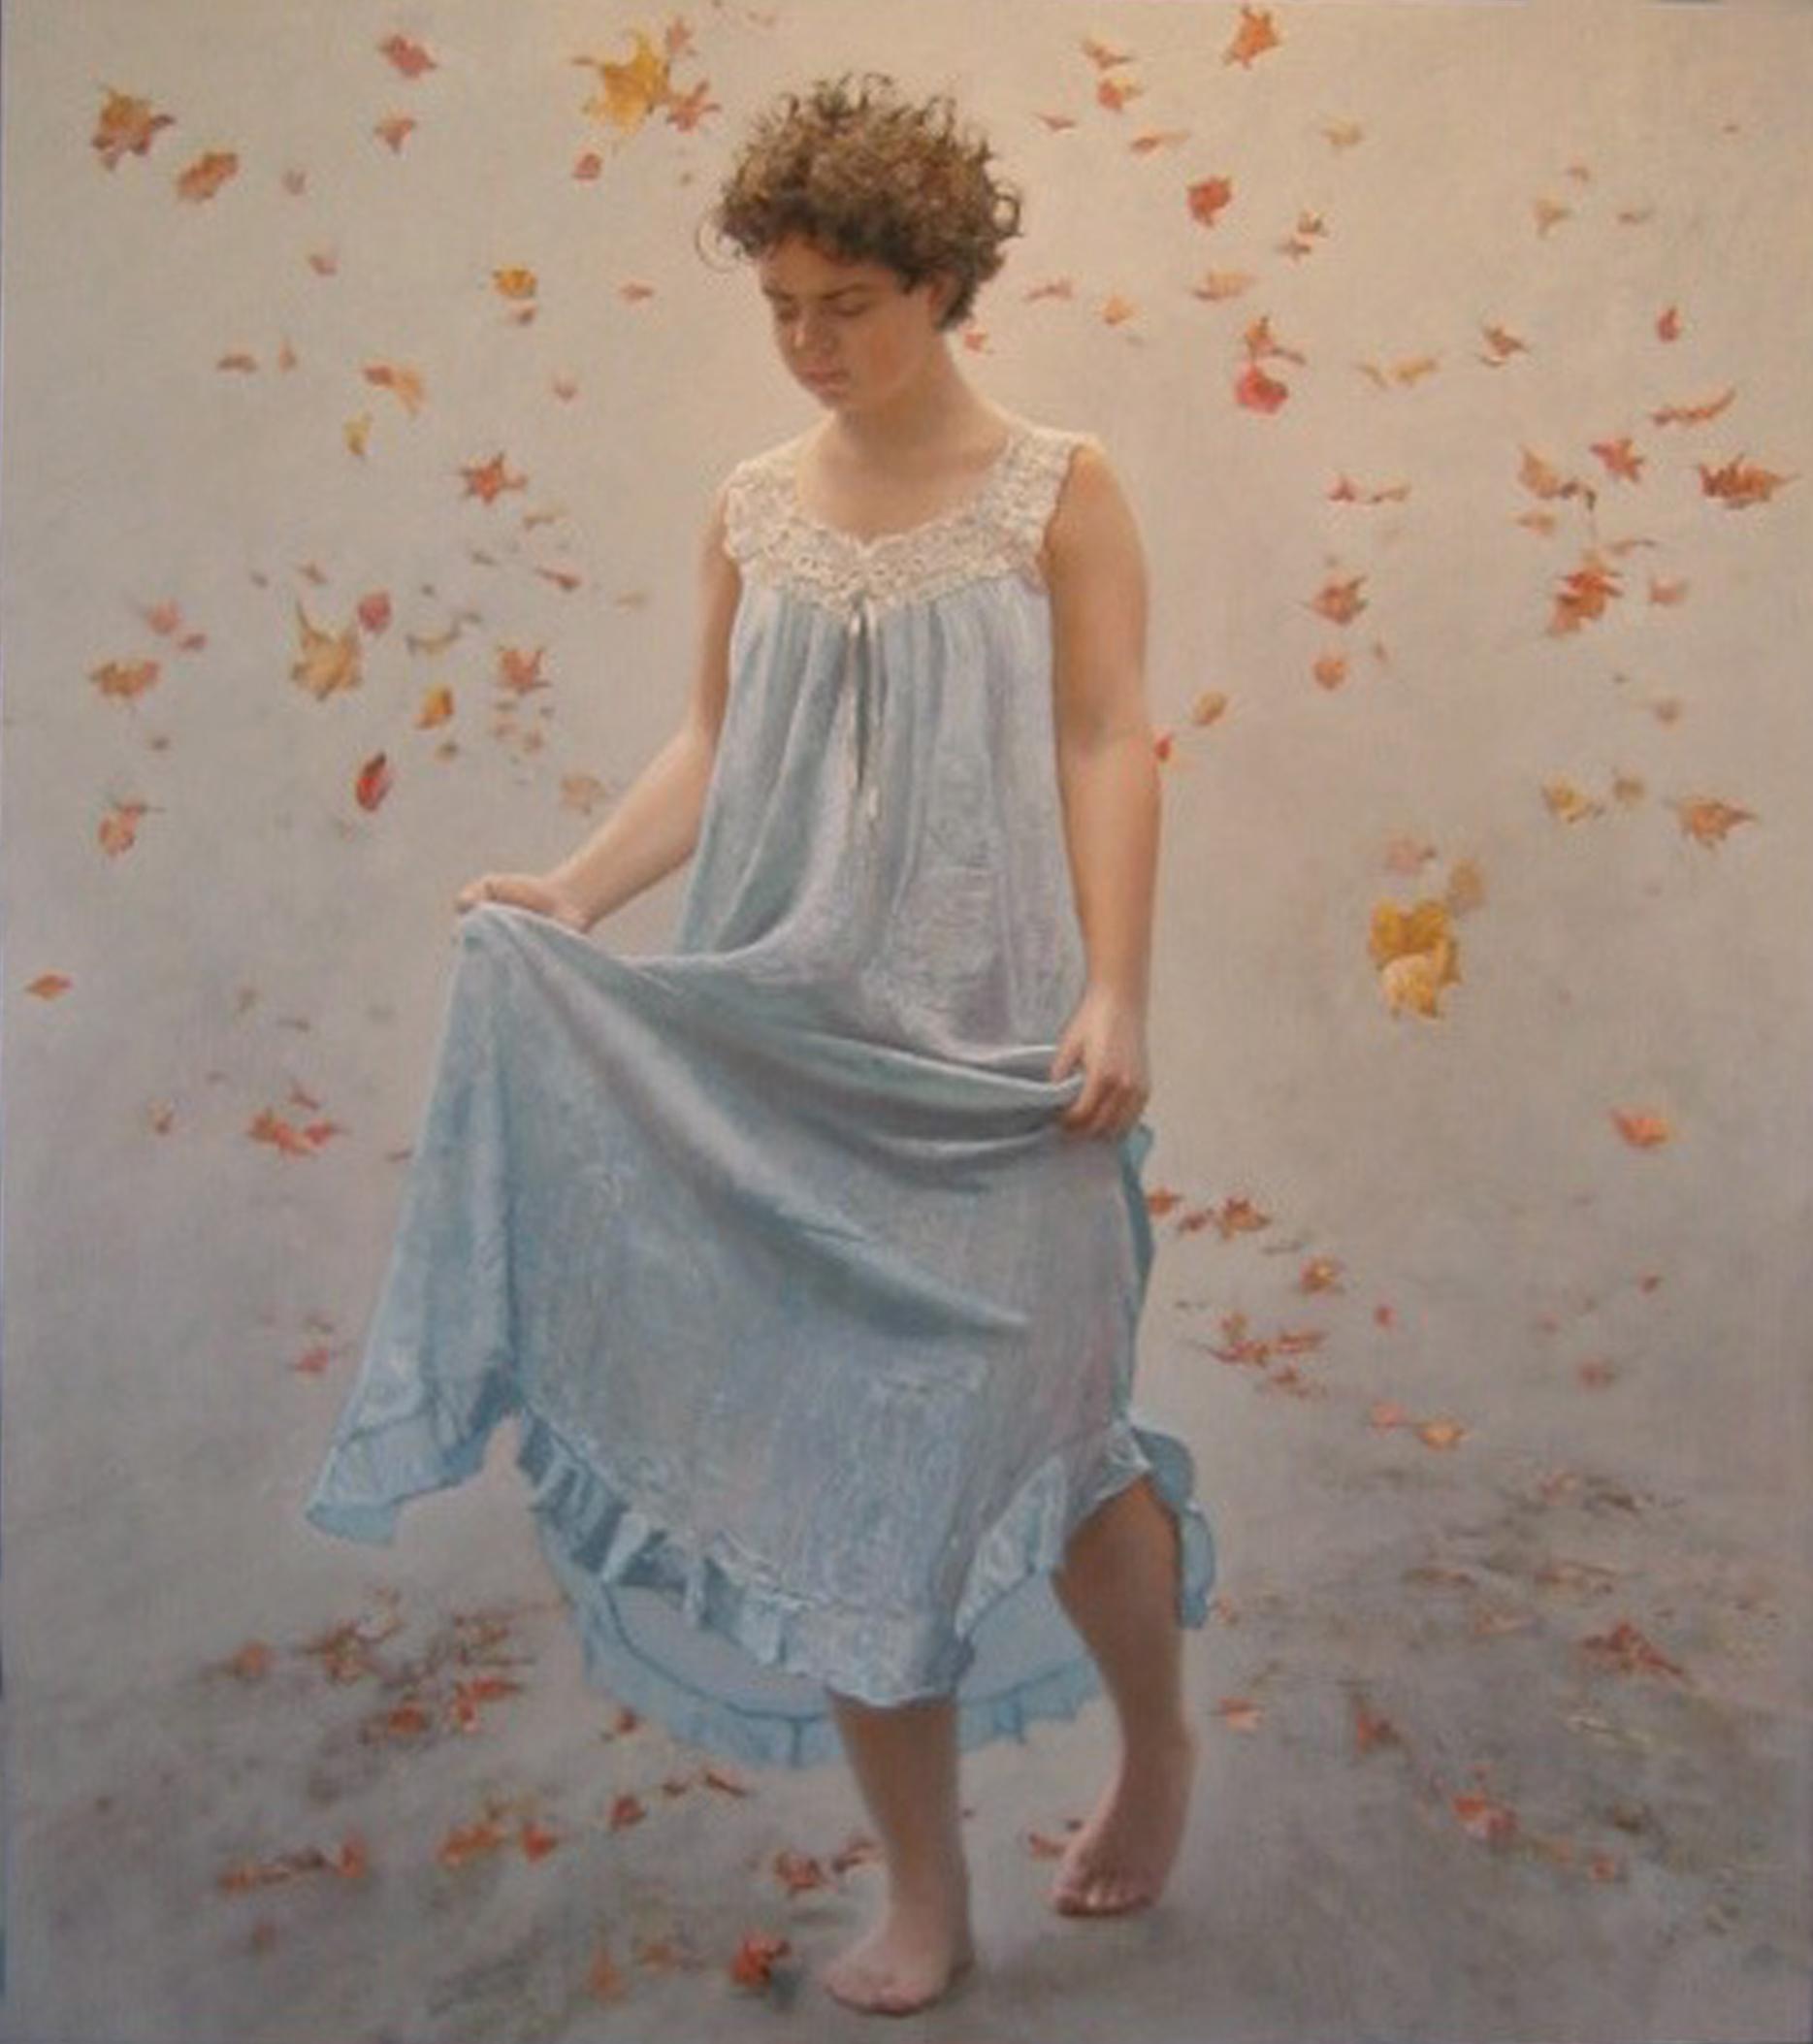 Falling Leaves by  Daud Akhriev - Masterpiece Online